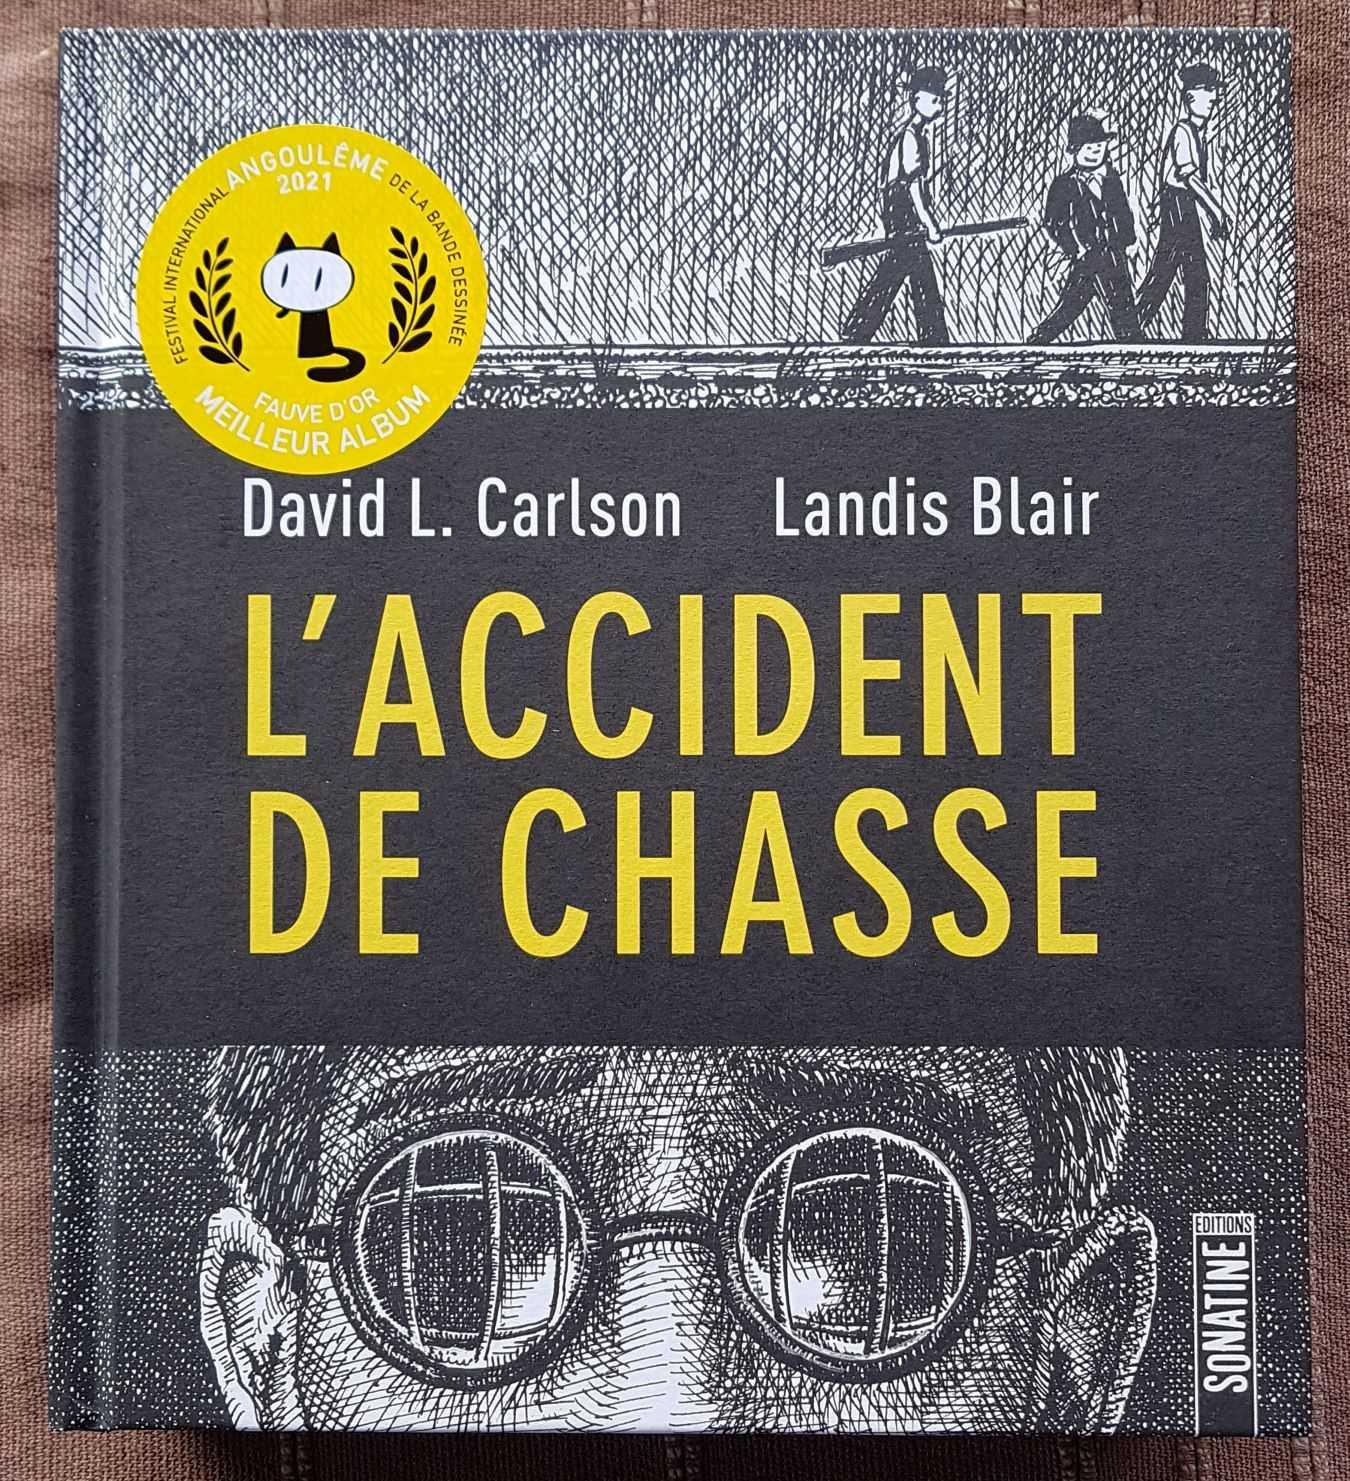 L'accident de chasse librairie La Librai'bulles